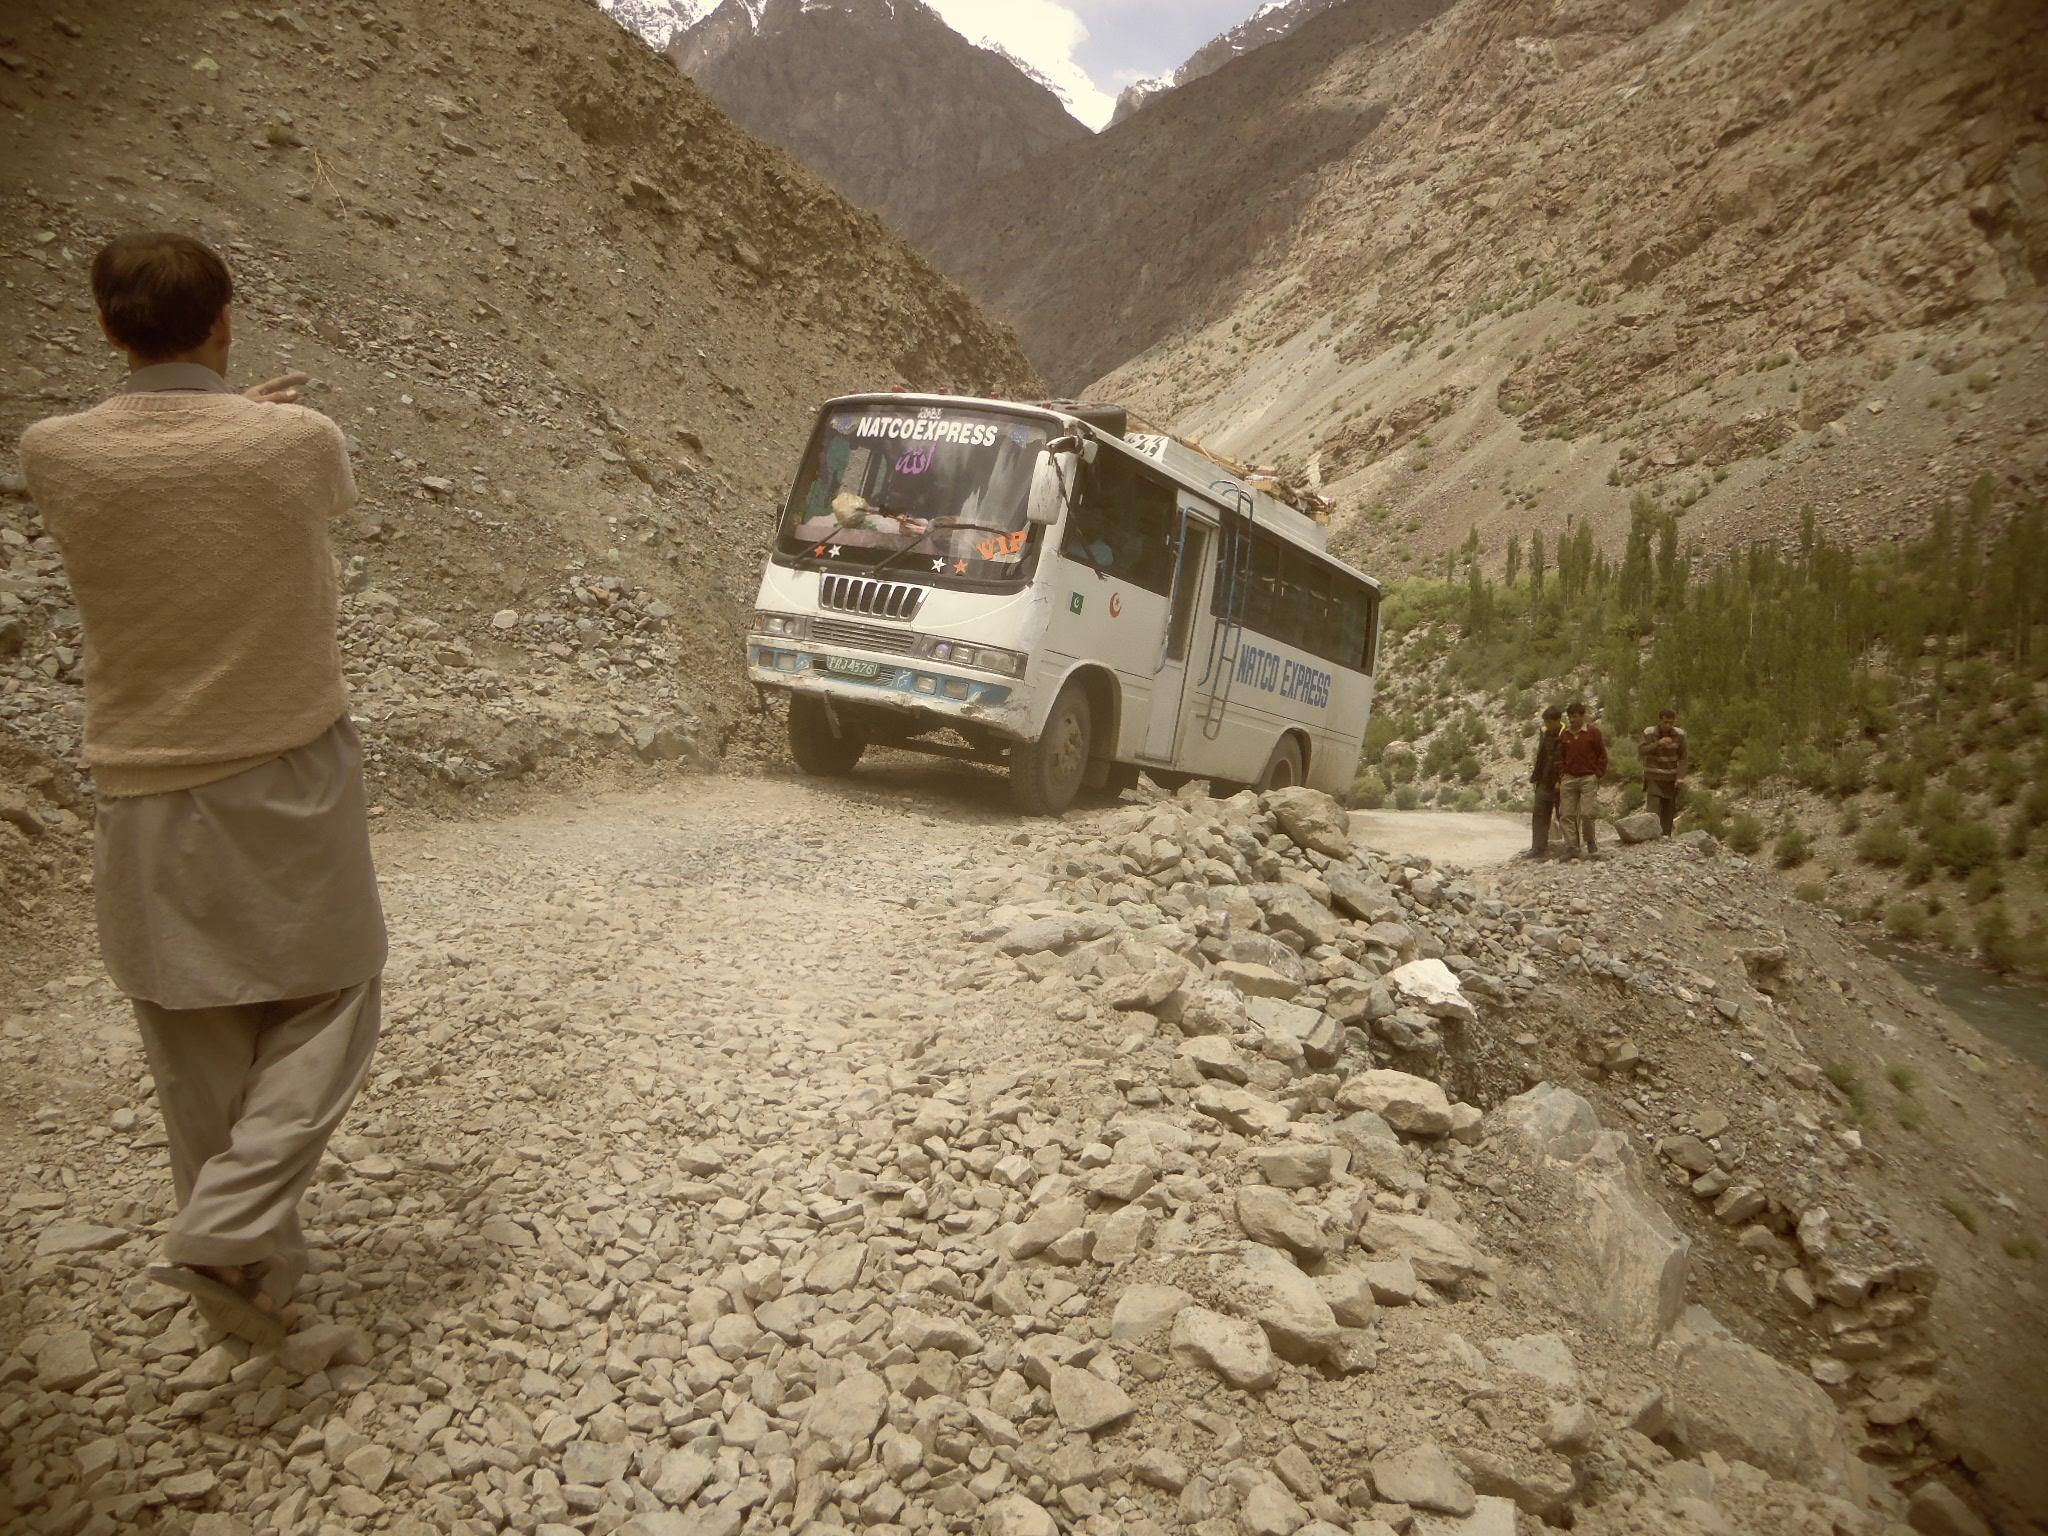 پشاور و اسلام آباد سے چترال سفر کرنے والے گاڑیوں کو ضابطے کا پابند بنا یا جائے؛ ذاتی فائدے کے لئے مسافروں کو مشکل میں ڈالتے ہیں۔ عوامی حلقے